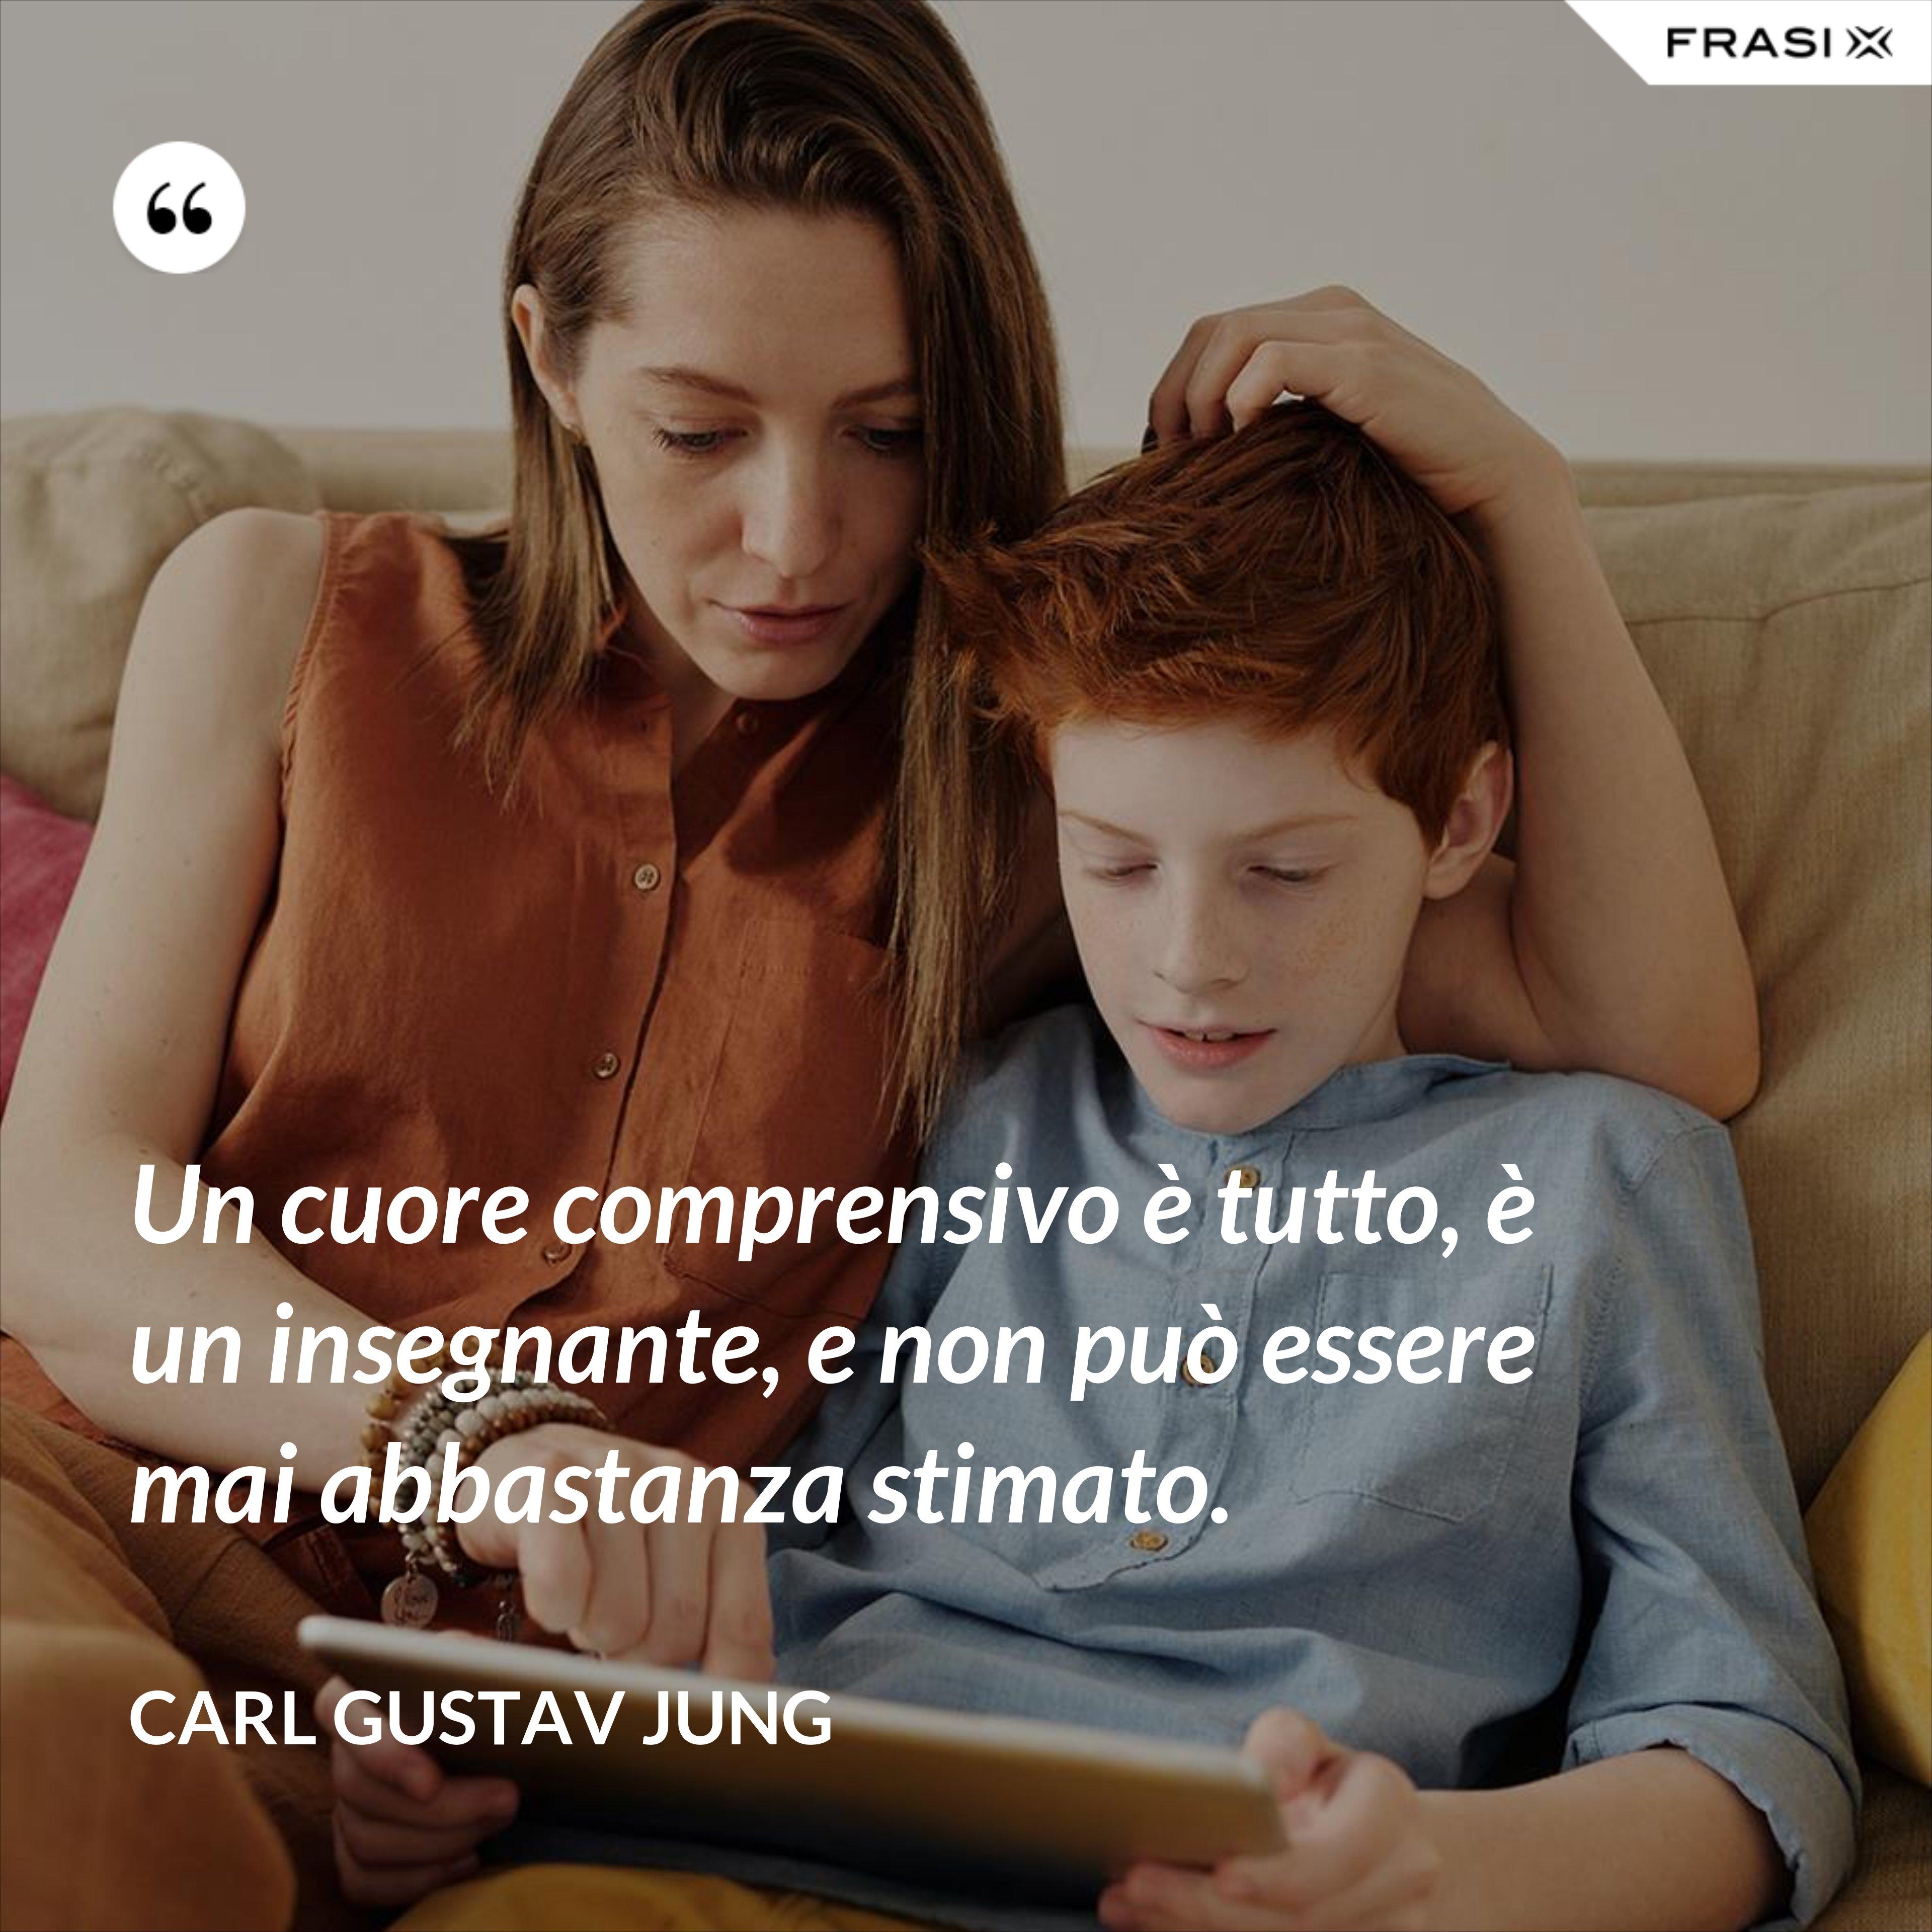 Un cuore comprensivo è tutto, è un insegnante, e non può essere mai abbastanza stimato. - Carl Gustav Jung